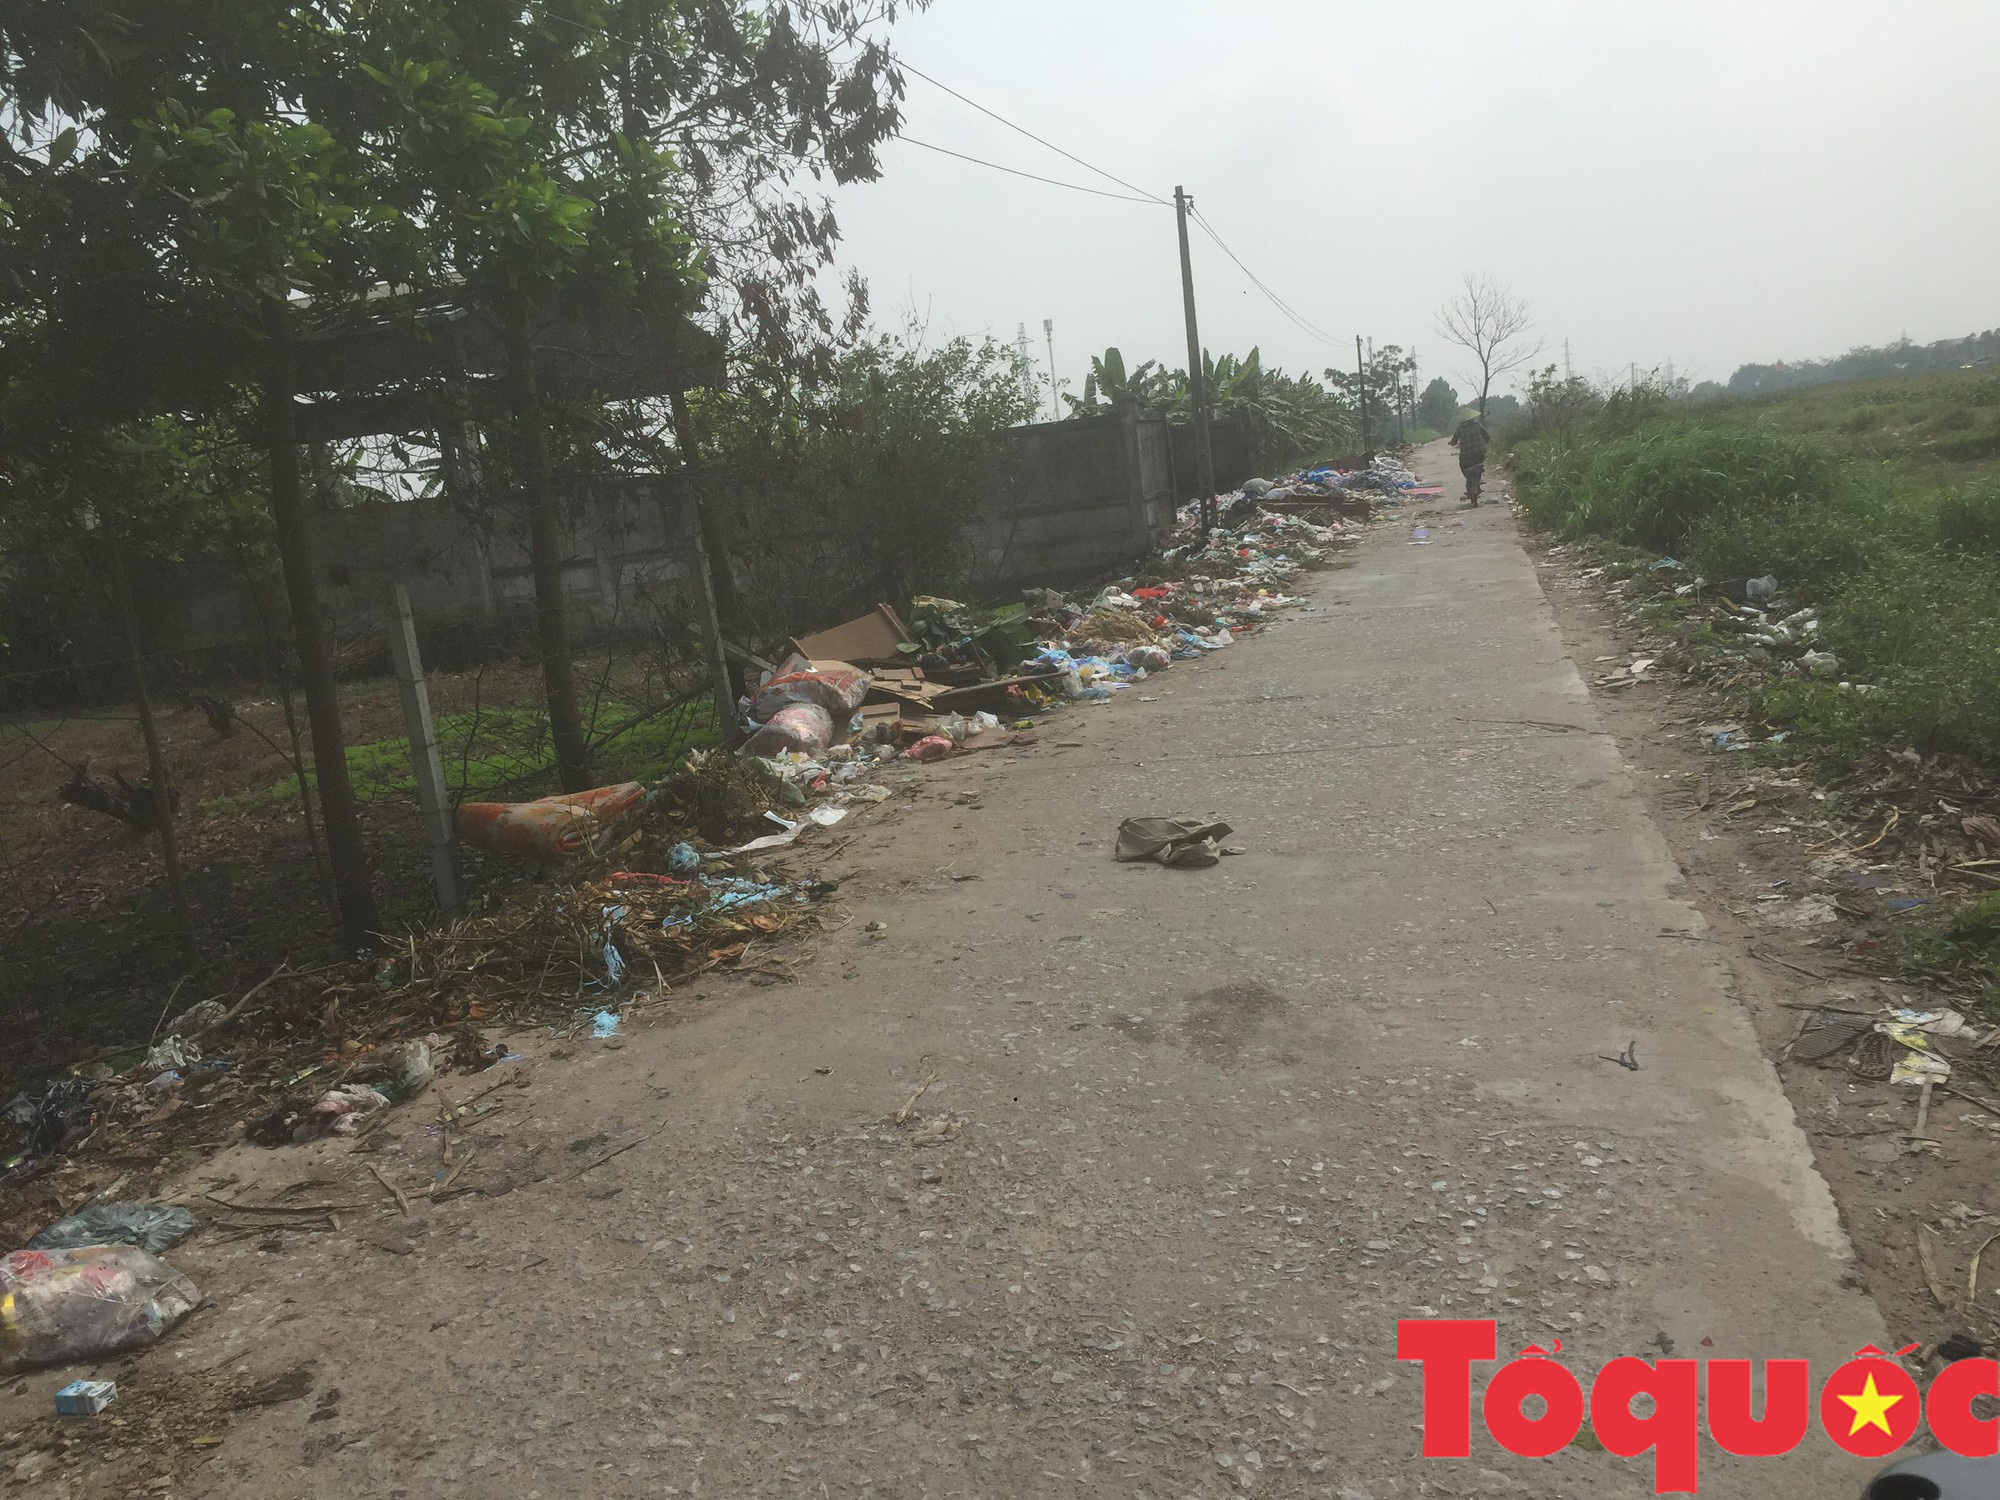 Kỳ 1 - Ô nhiễm môi trường: Con sông, tuyến đường ngập rác - Ảnh 9.